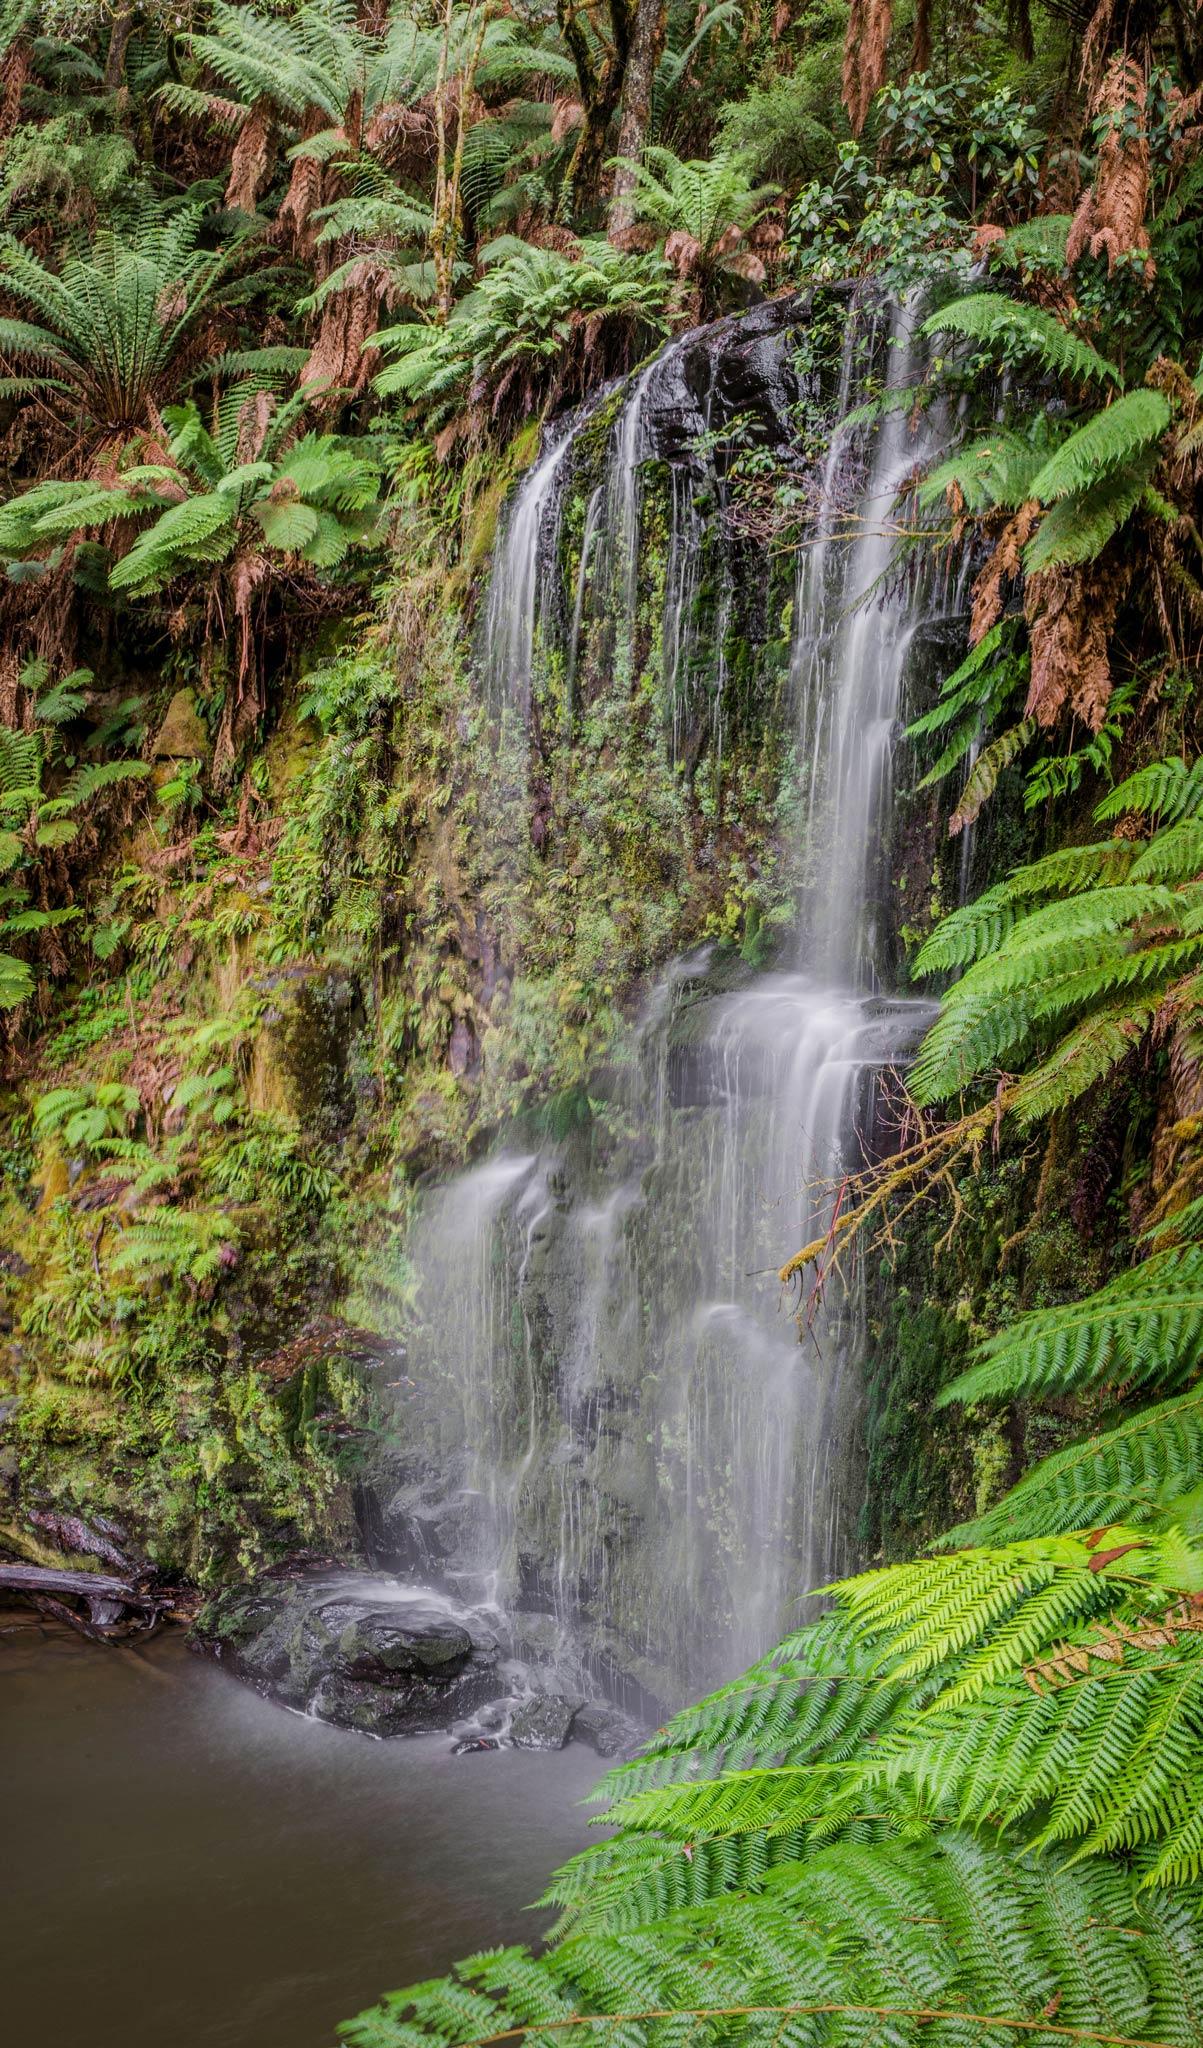 Paesaggi-Australia - DSC 6437  - Travel-photographer-Australia-Victoria - Travel-photographer-Australia-Victoria